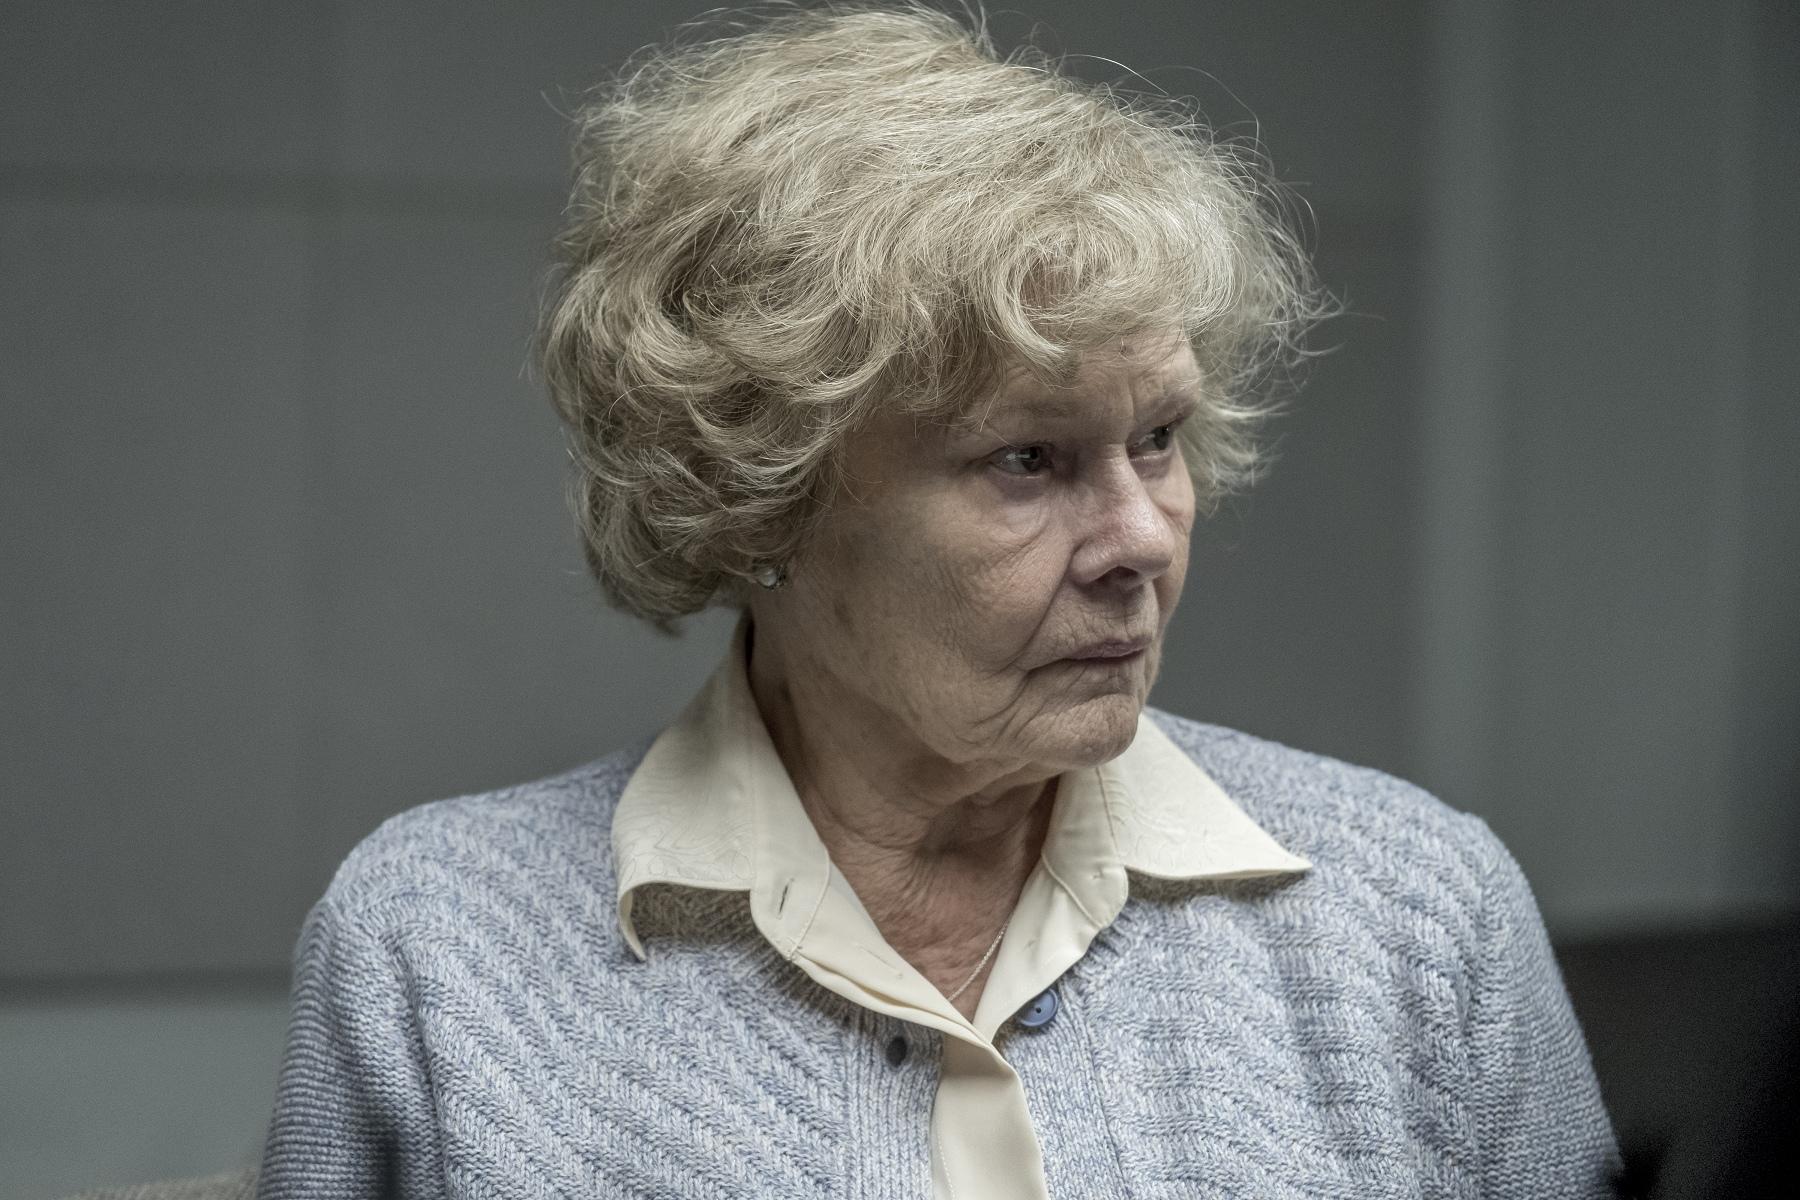 不看劇本接《紅色密令》 茱蒂‧丹契信任導演 | 007:空降危機 | 茱蒂丹契 | 莎翁情史 | 大紀元